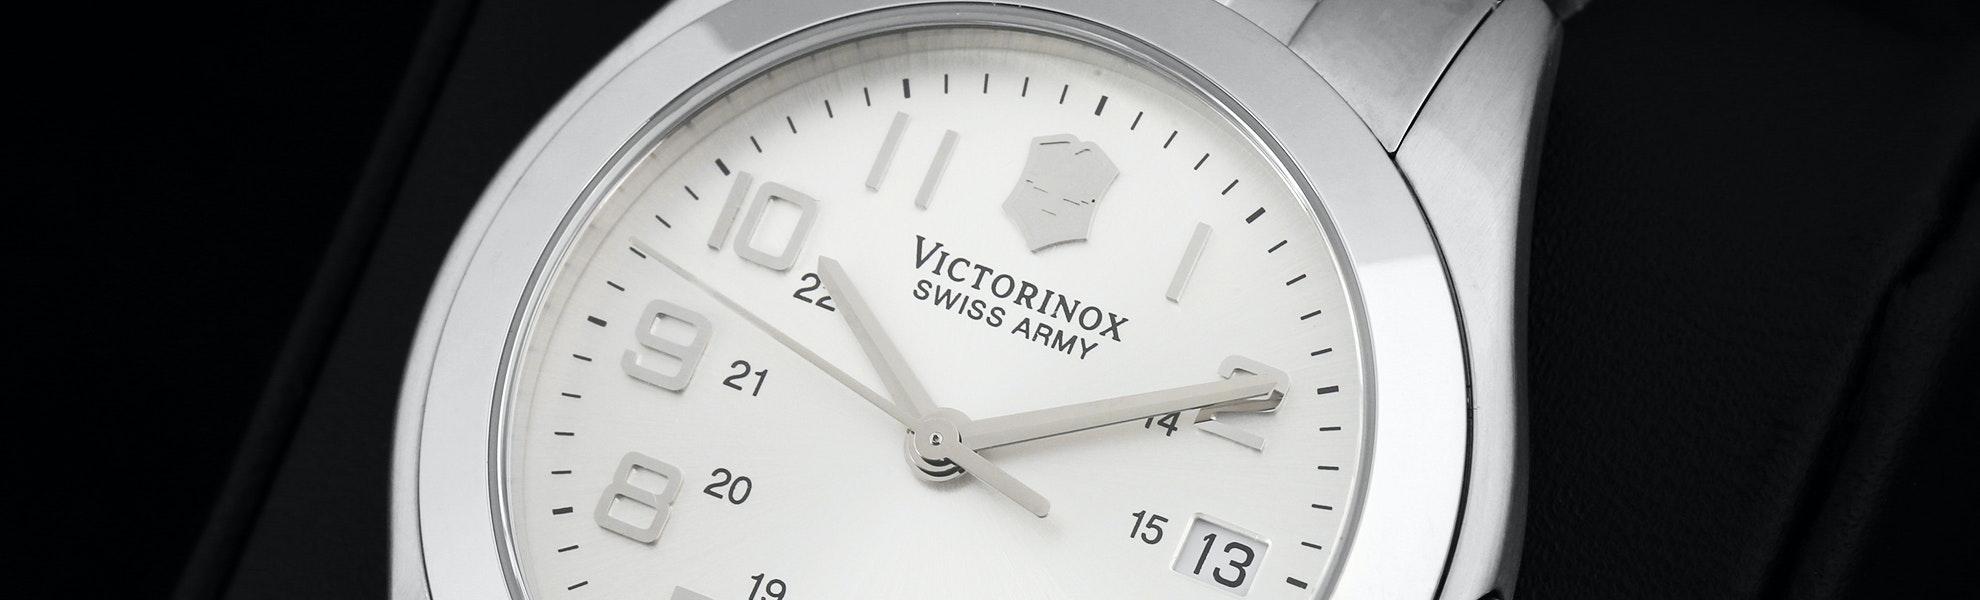 Victorinox Alliance Watch